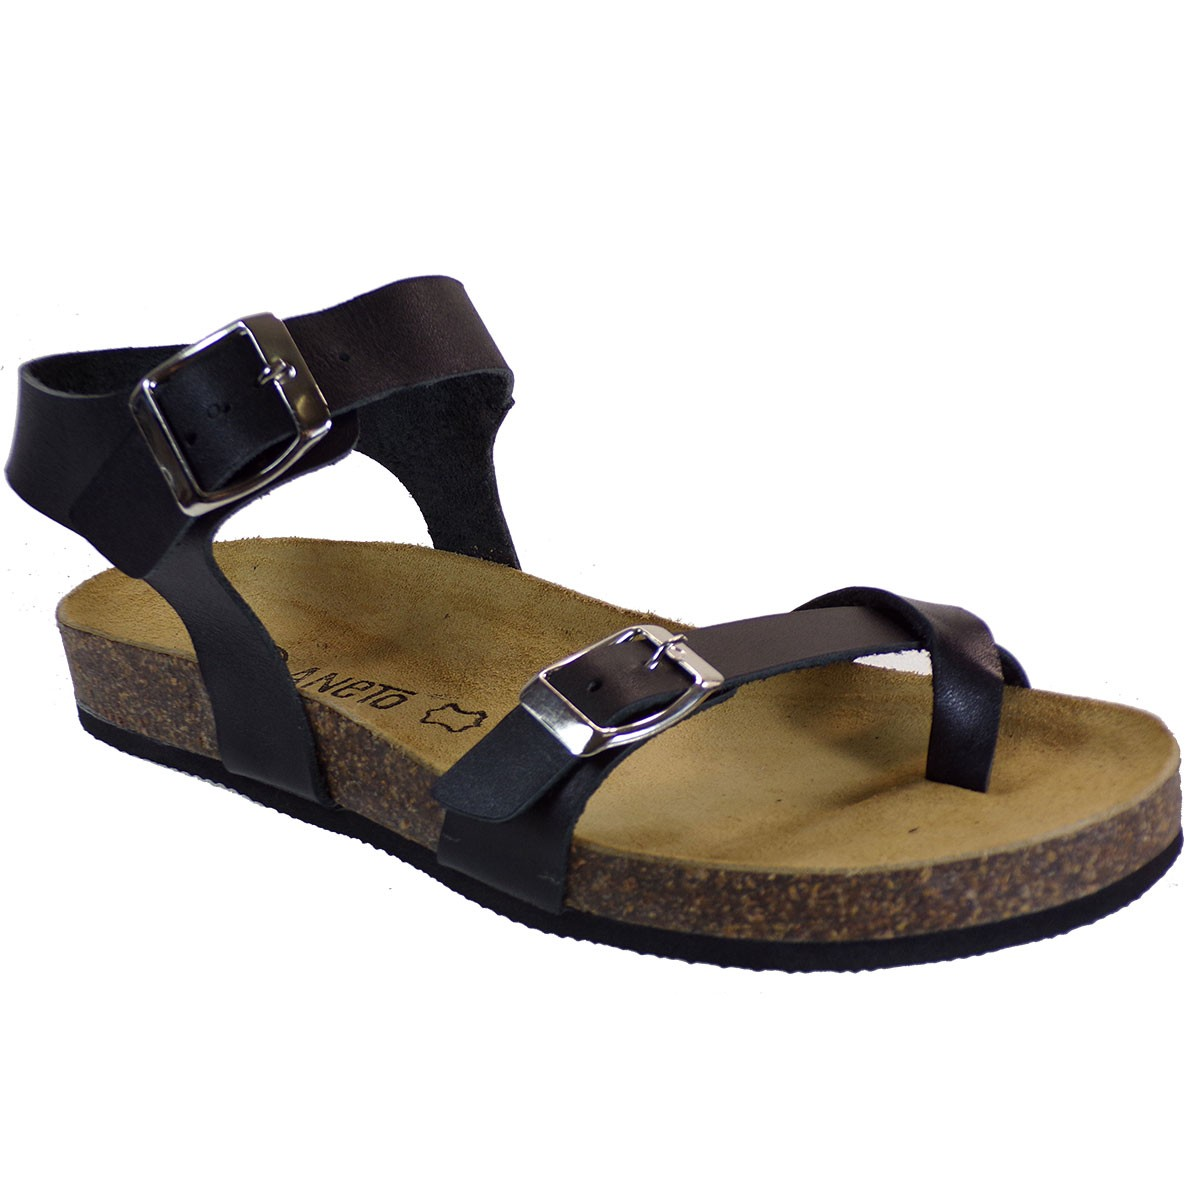 Katia Shoes Anneto Γυναικεία Πέδιλα Κ65-185 Μαύρο Δέρμα